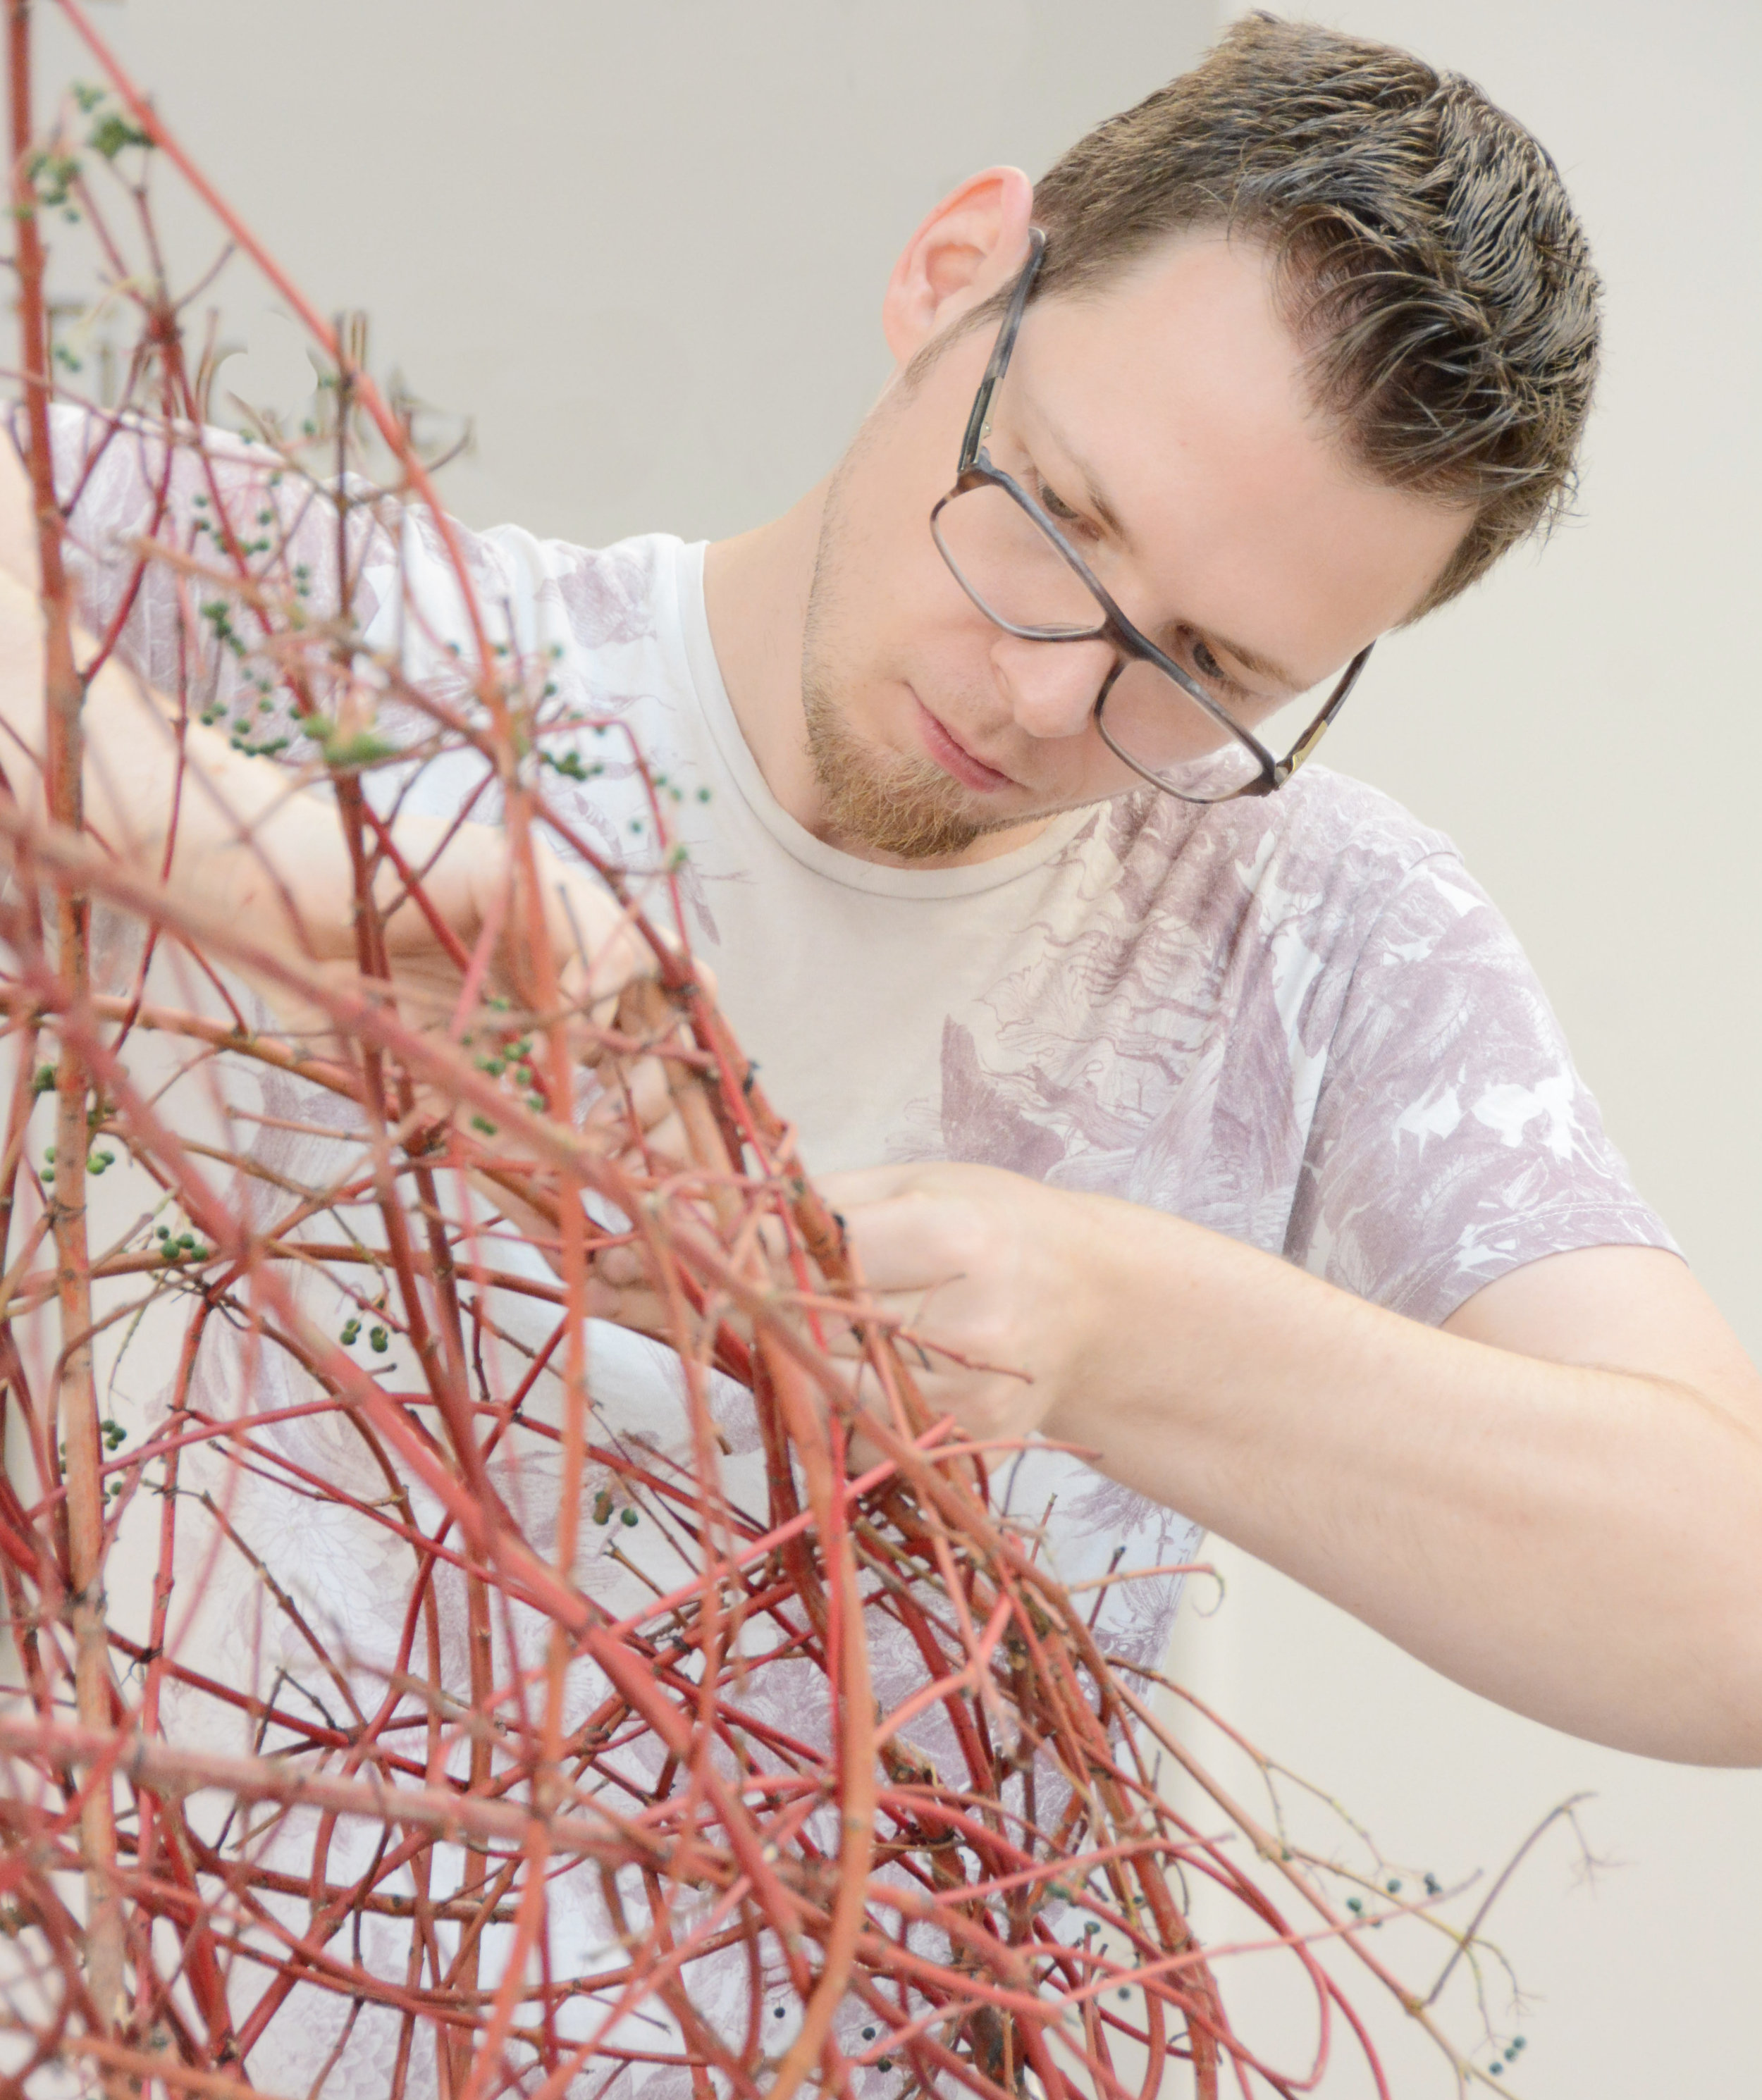 Der Deutsche Mattias Debus schuf einen wunderbar durchbrochenen Hohlkörper und bestückte diesen nur ganz dezent.